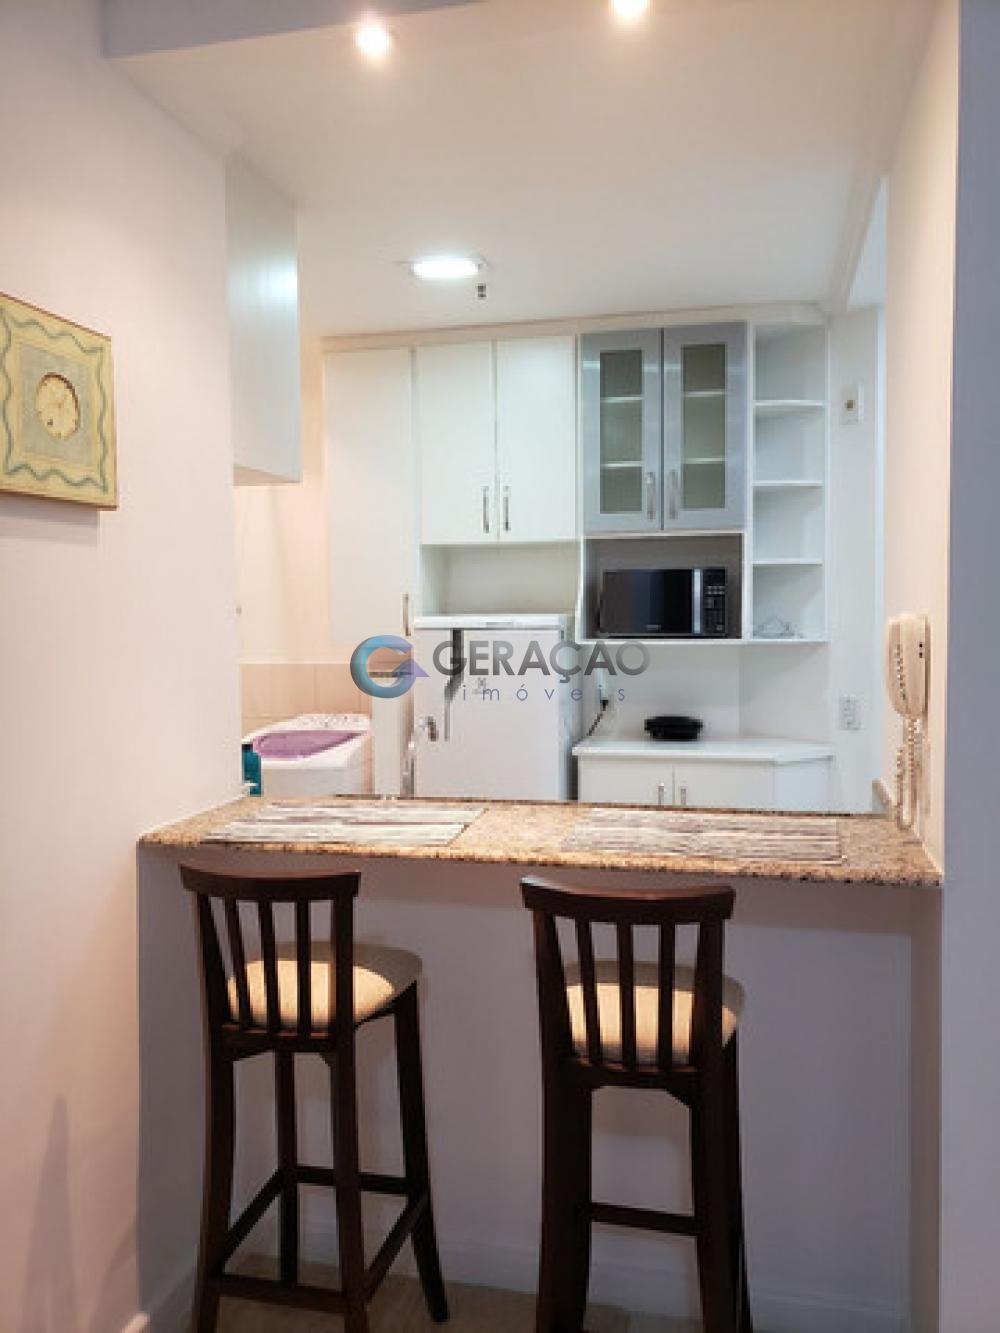 Comprar Apartamento / Flat em São José dos Campos apenas R$ 310.000,00 - Foto 3